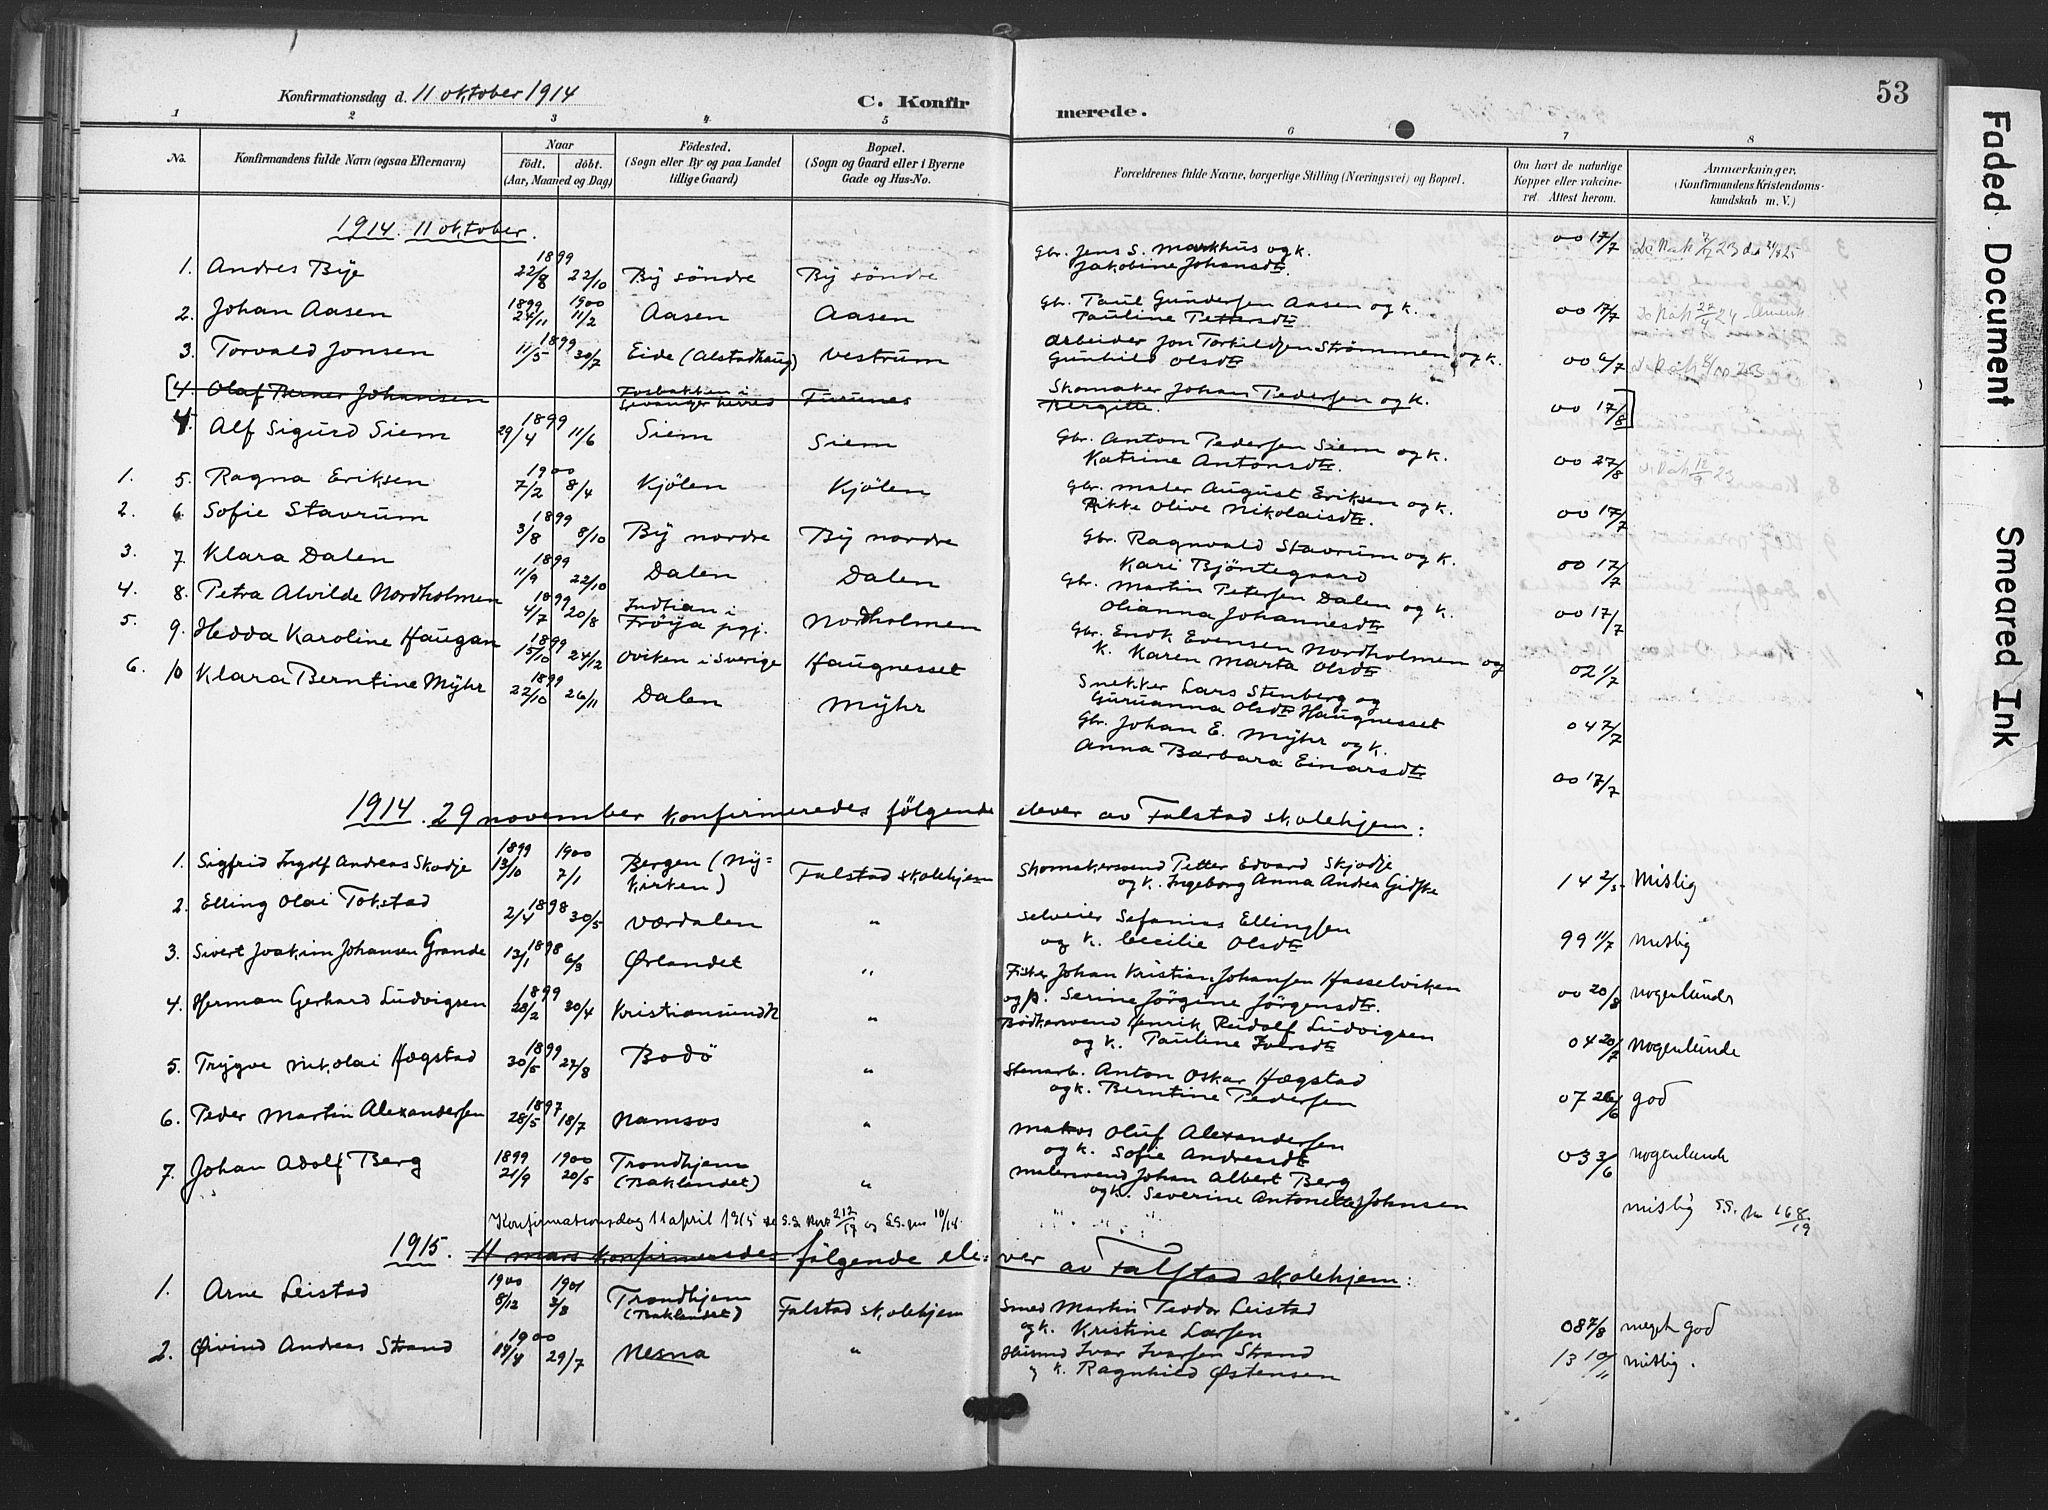 SAT, Ministerialprotokoller, klokkerbøker og fødselsregistre - Nord-Trøndelag, 719/L0179: Ministerialbok nr. 719A02, 1901-1923, s. 53